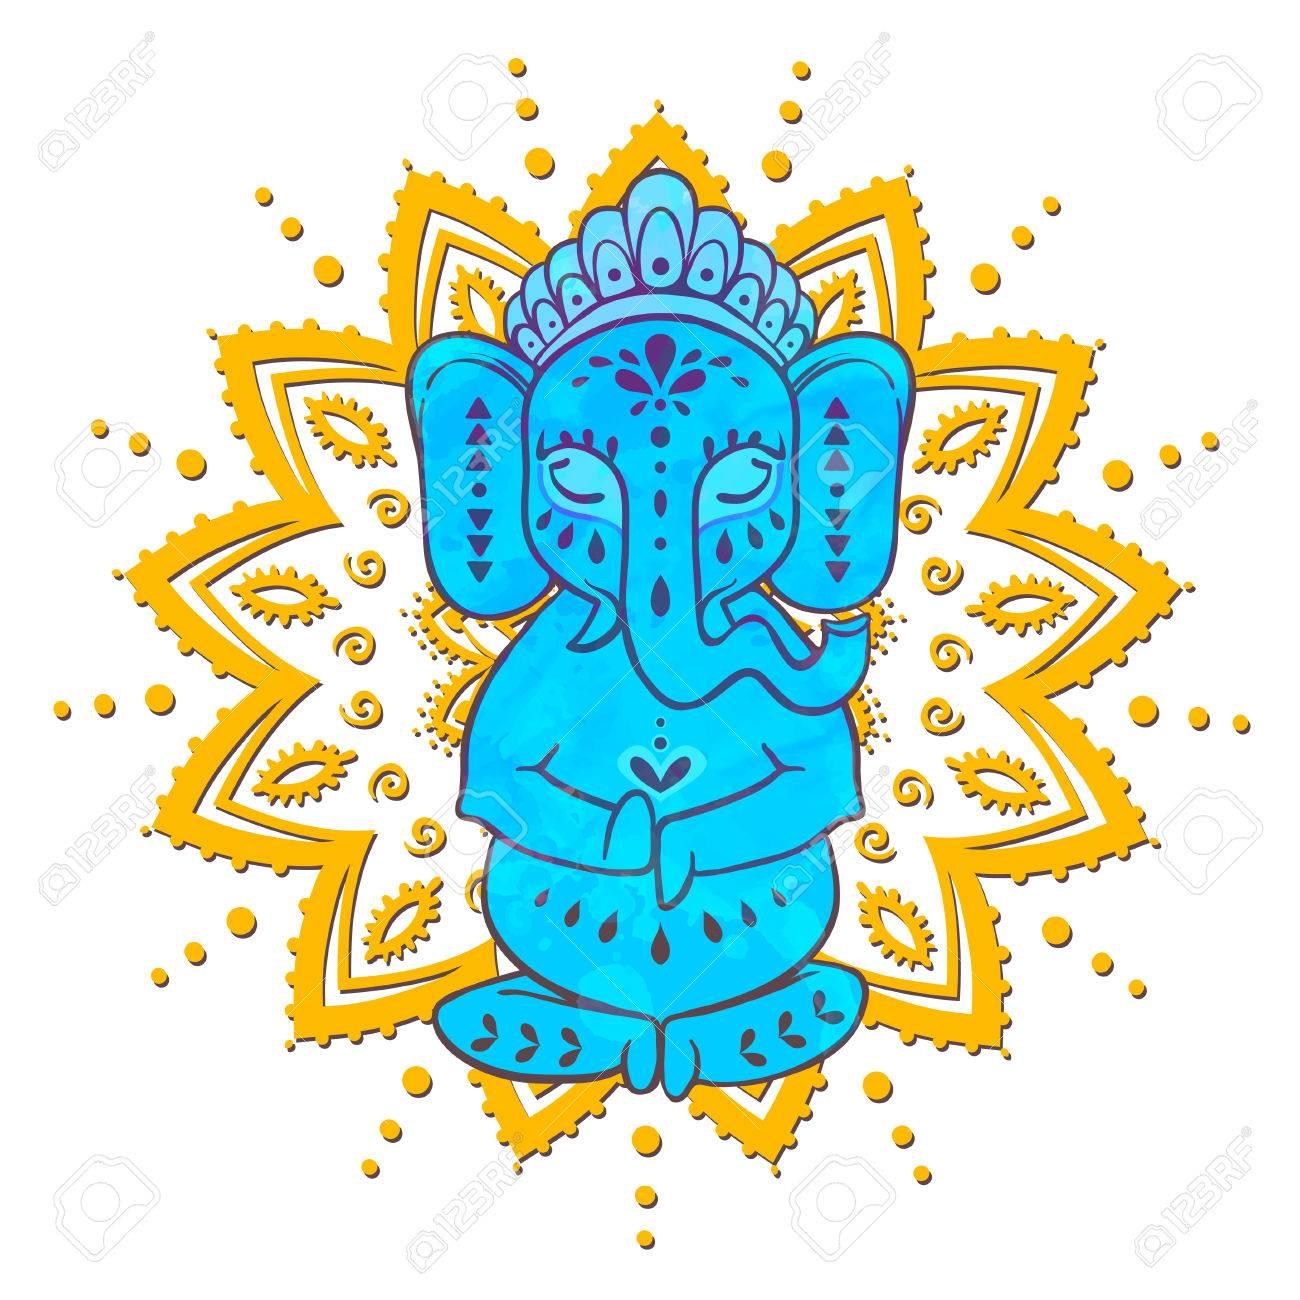 Tarjeta Con El Dios Elefante Ganesha Hindú. Ilustración Para El ...